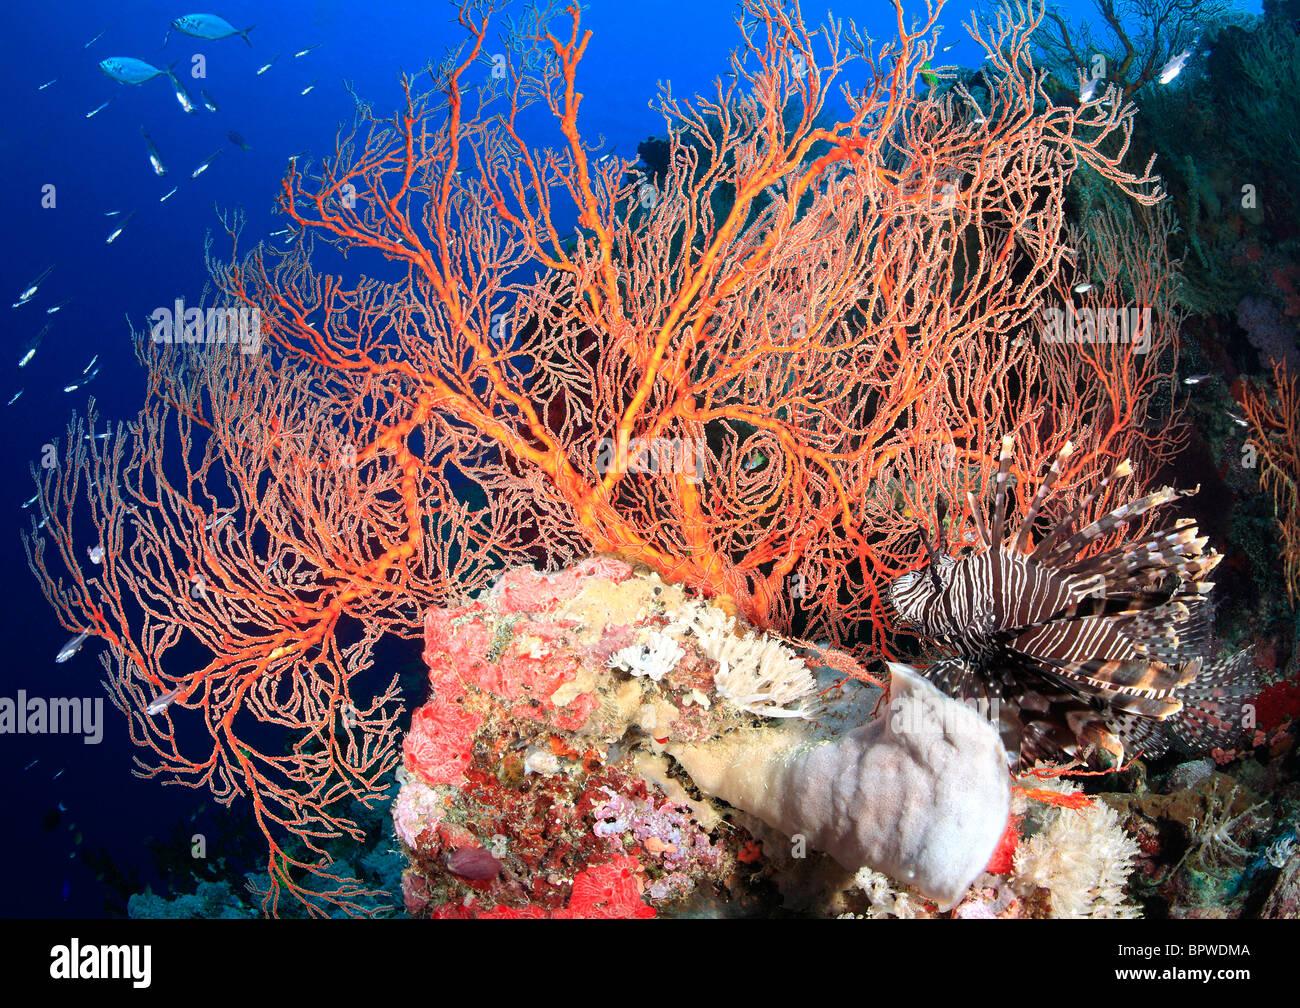 einer bunten Riff-Szene mit roten Meer Fans, tropische Fische und ein Rotfeuerfisch, mit einem blauen Wasser Hintergrund, Stockbild